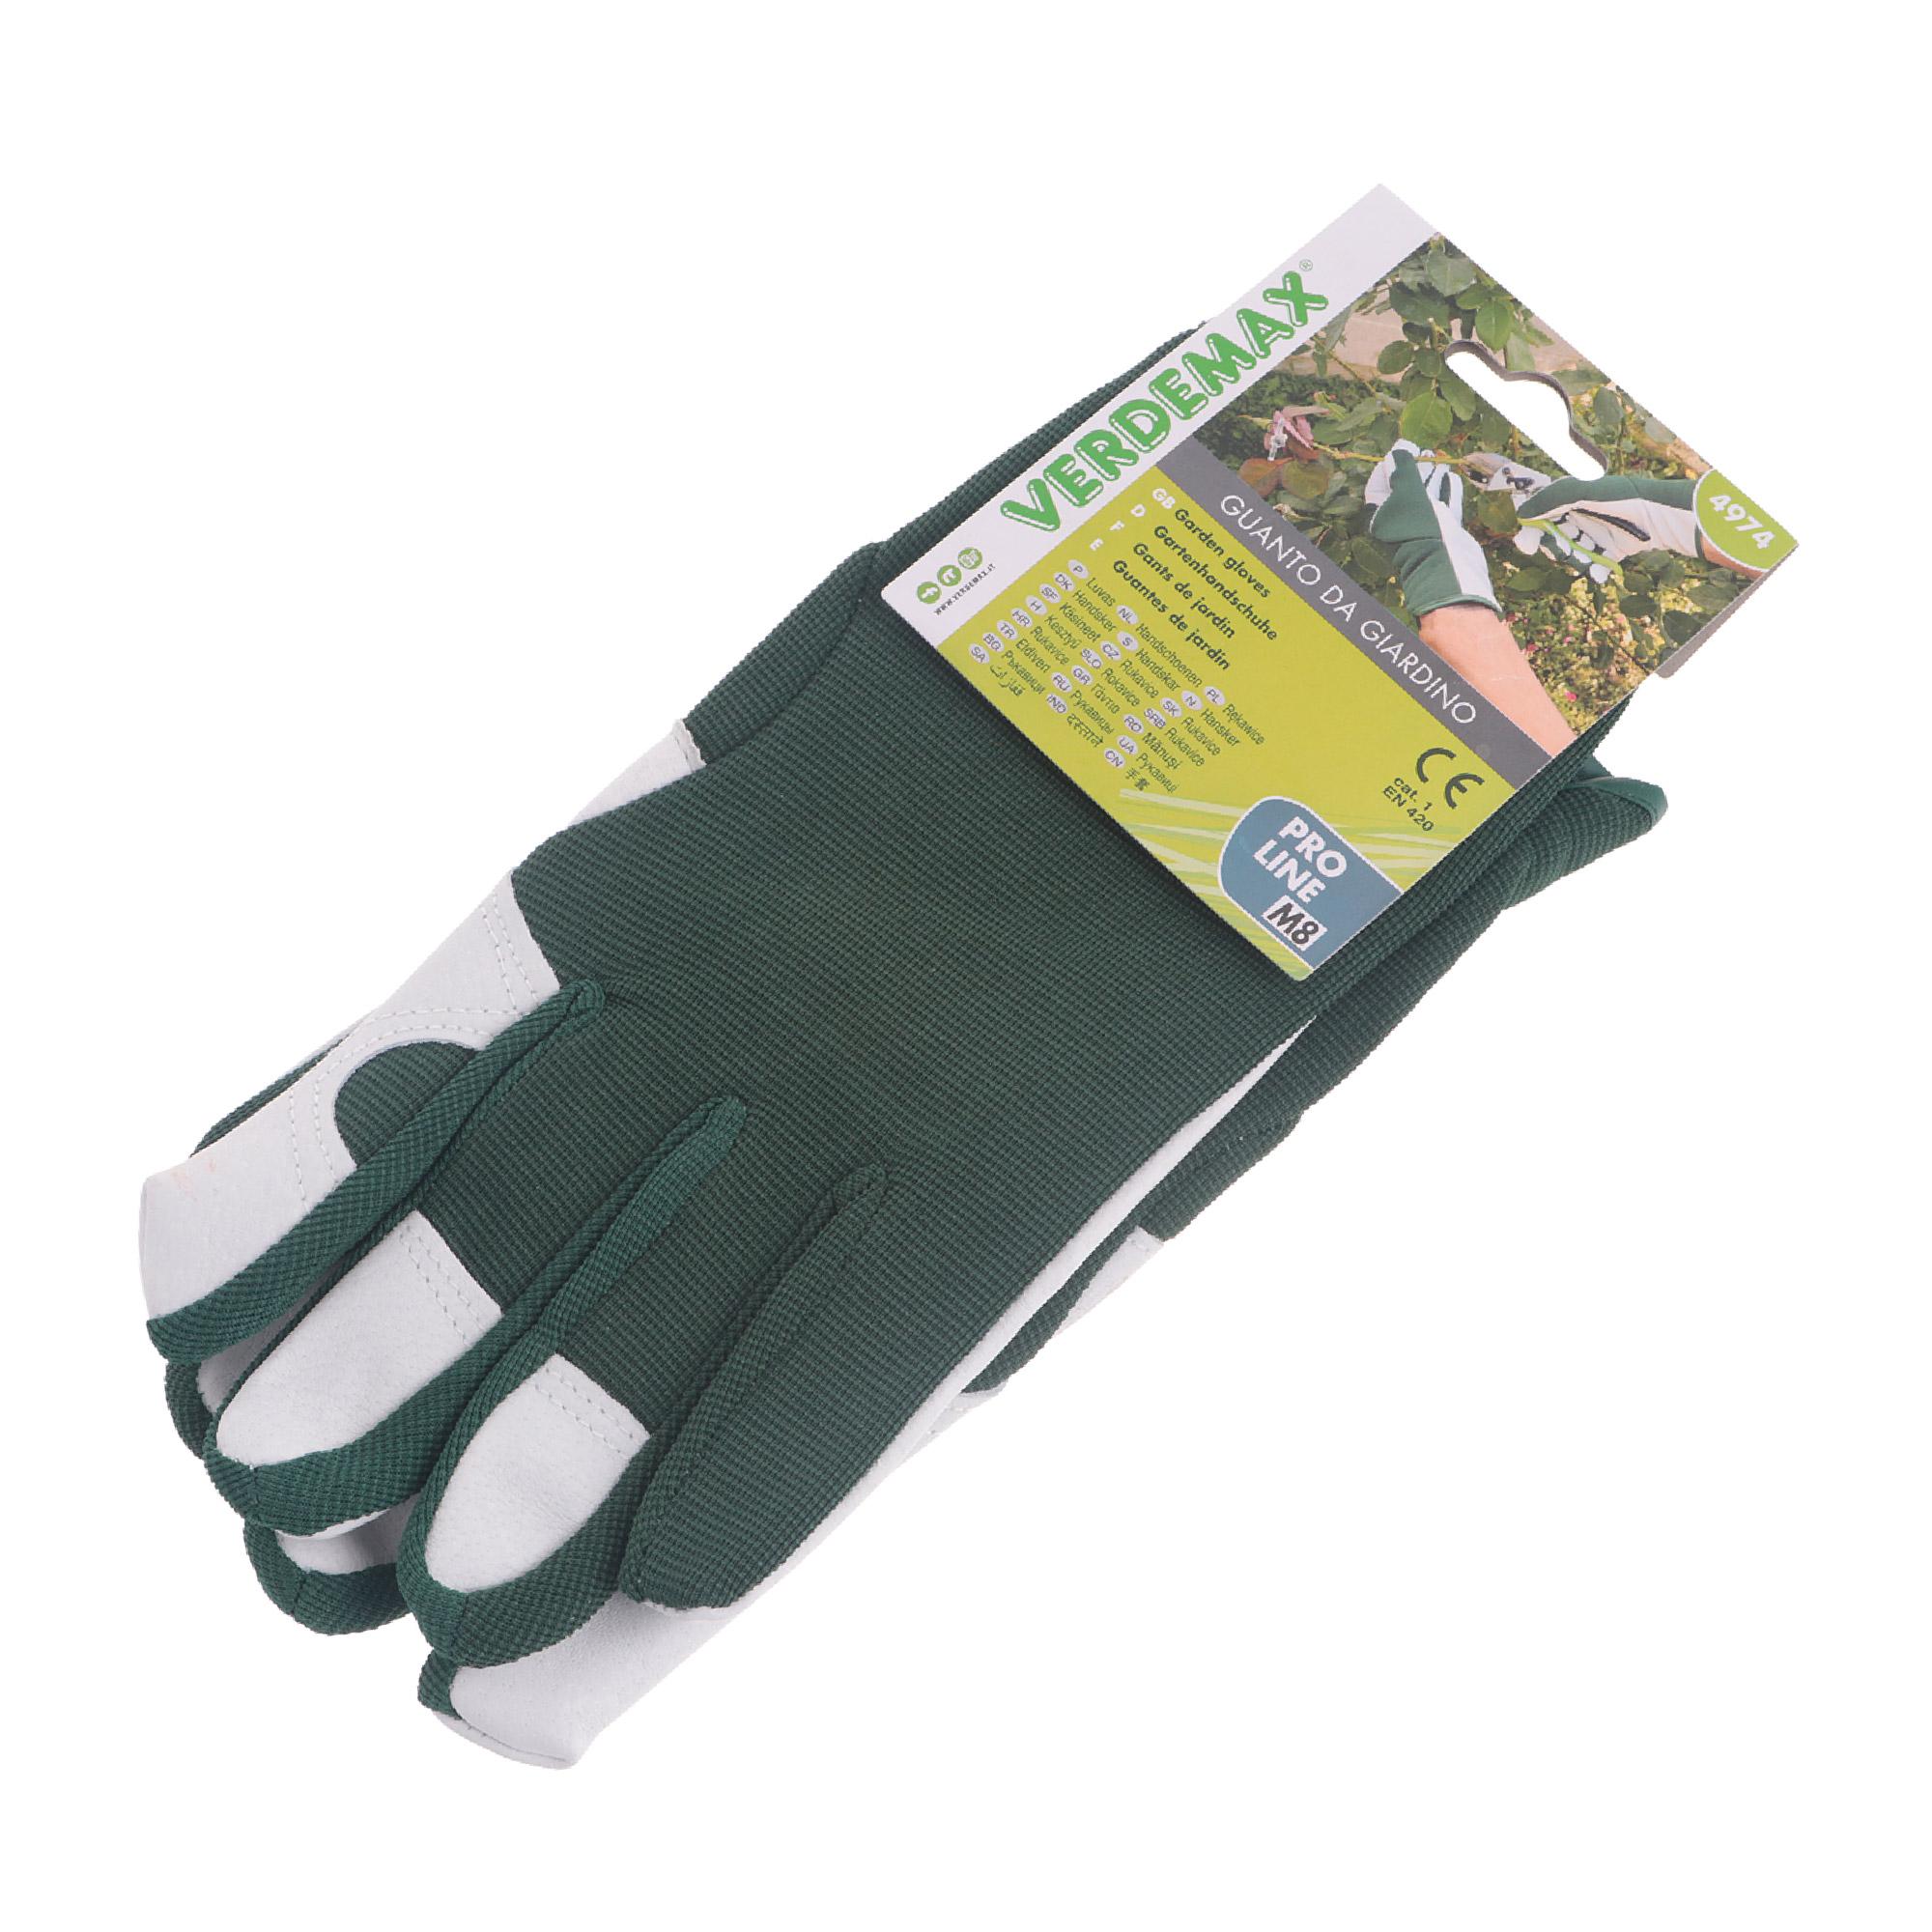 Фото - Перчатки садовые Verdemax зелено-серые M перчатки садовые verdemax серо зеленые m